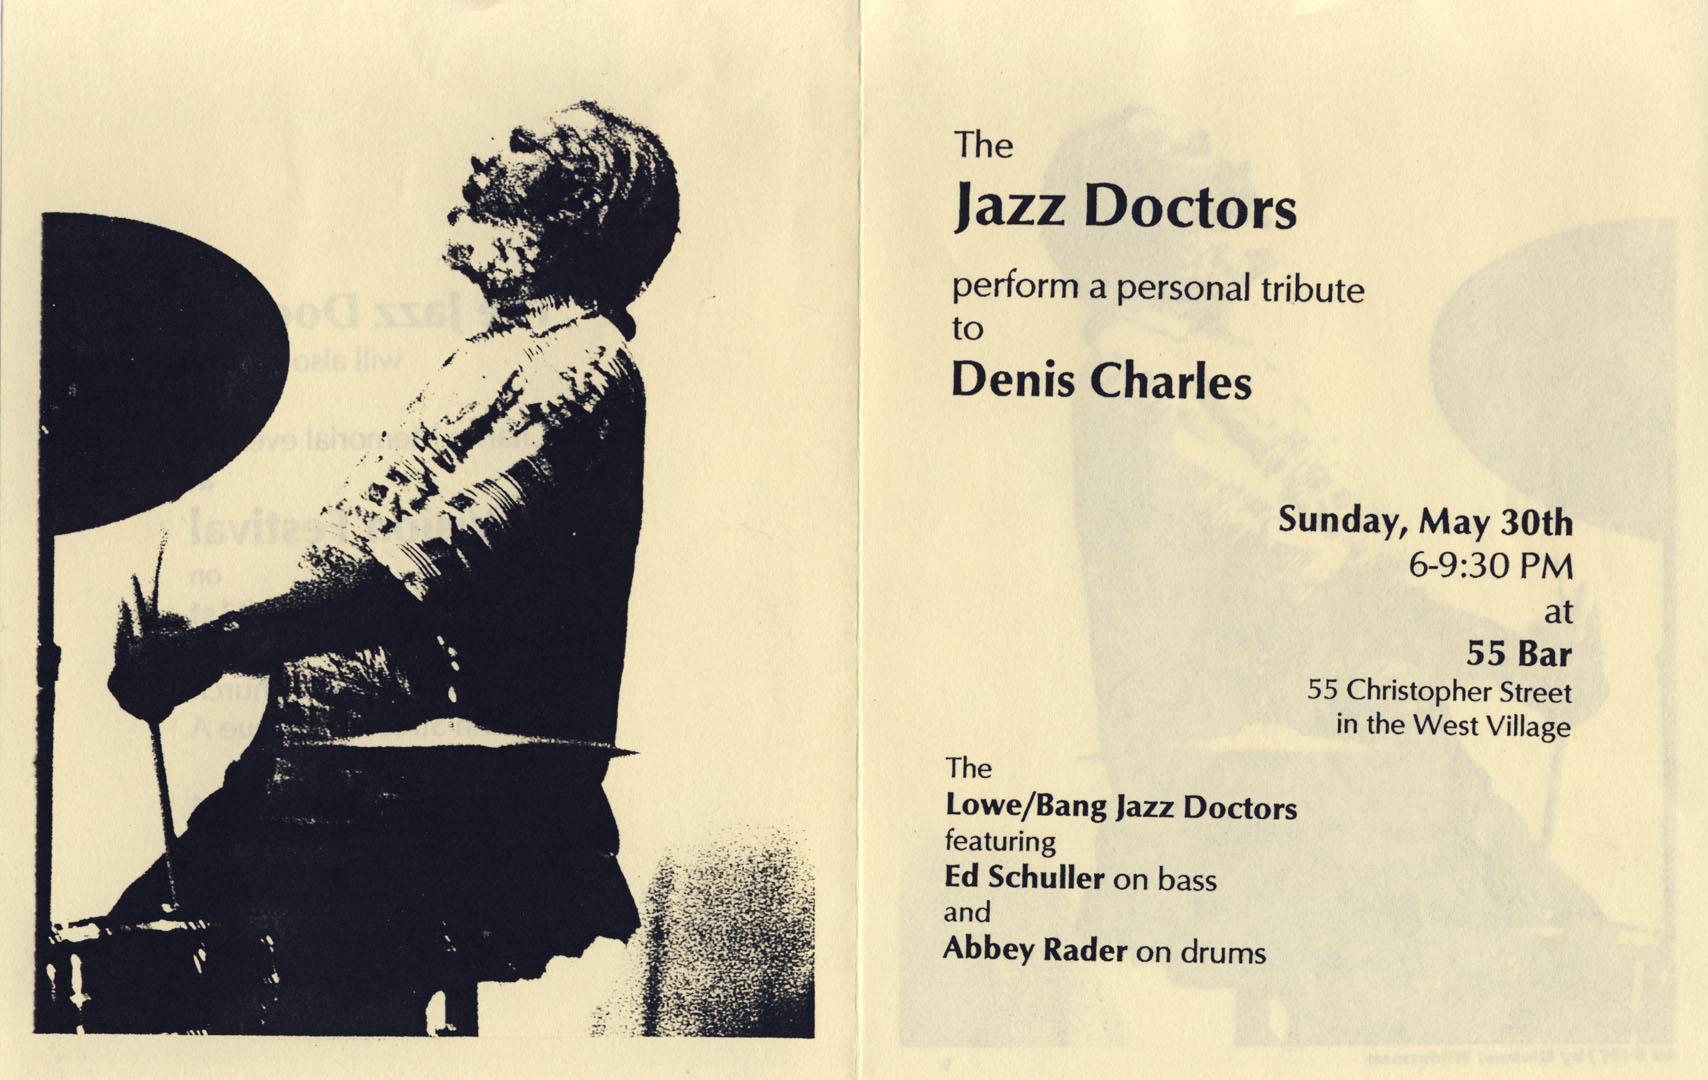 jazz-doctors-1_1.jpg